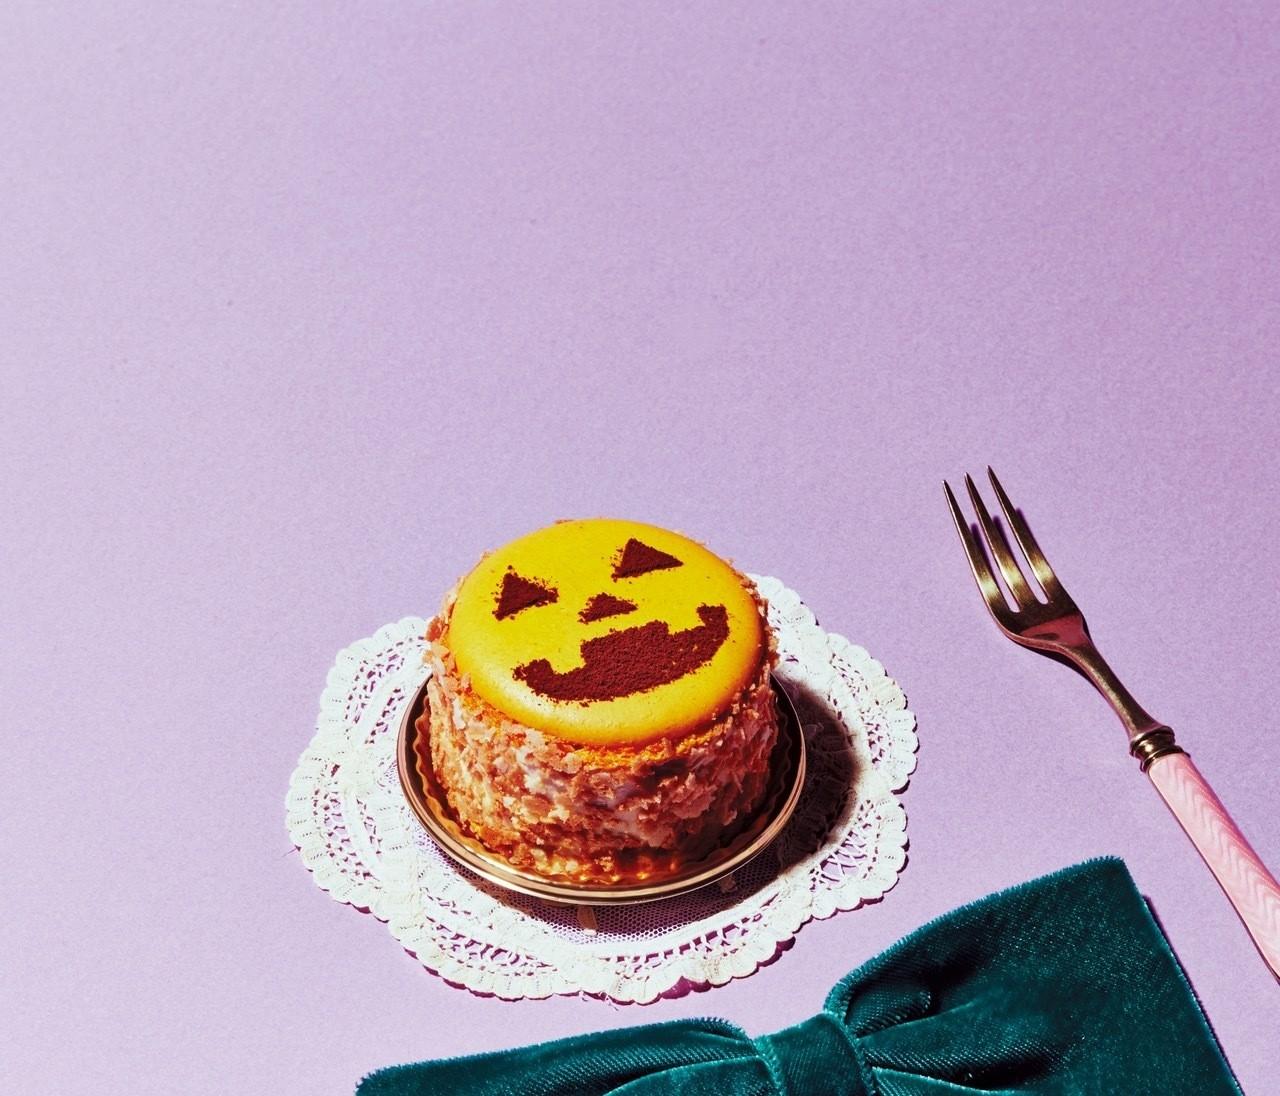 かぼちゃ×チーズに、キュートすぎマカロン! ハロウィンを間近に、かぼちゃへの愛を叫ぶ♥【食いしん坊ジャーナル】